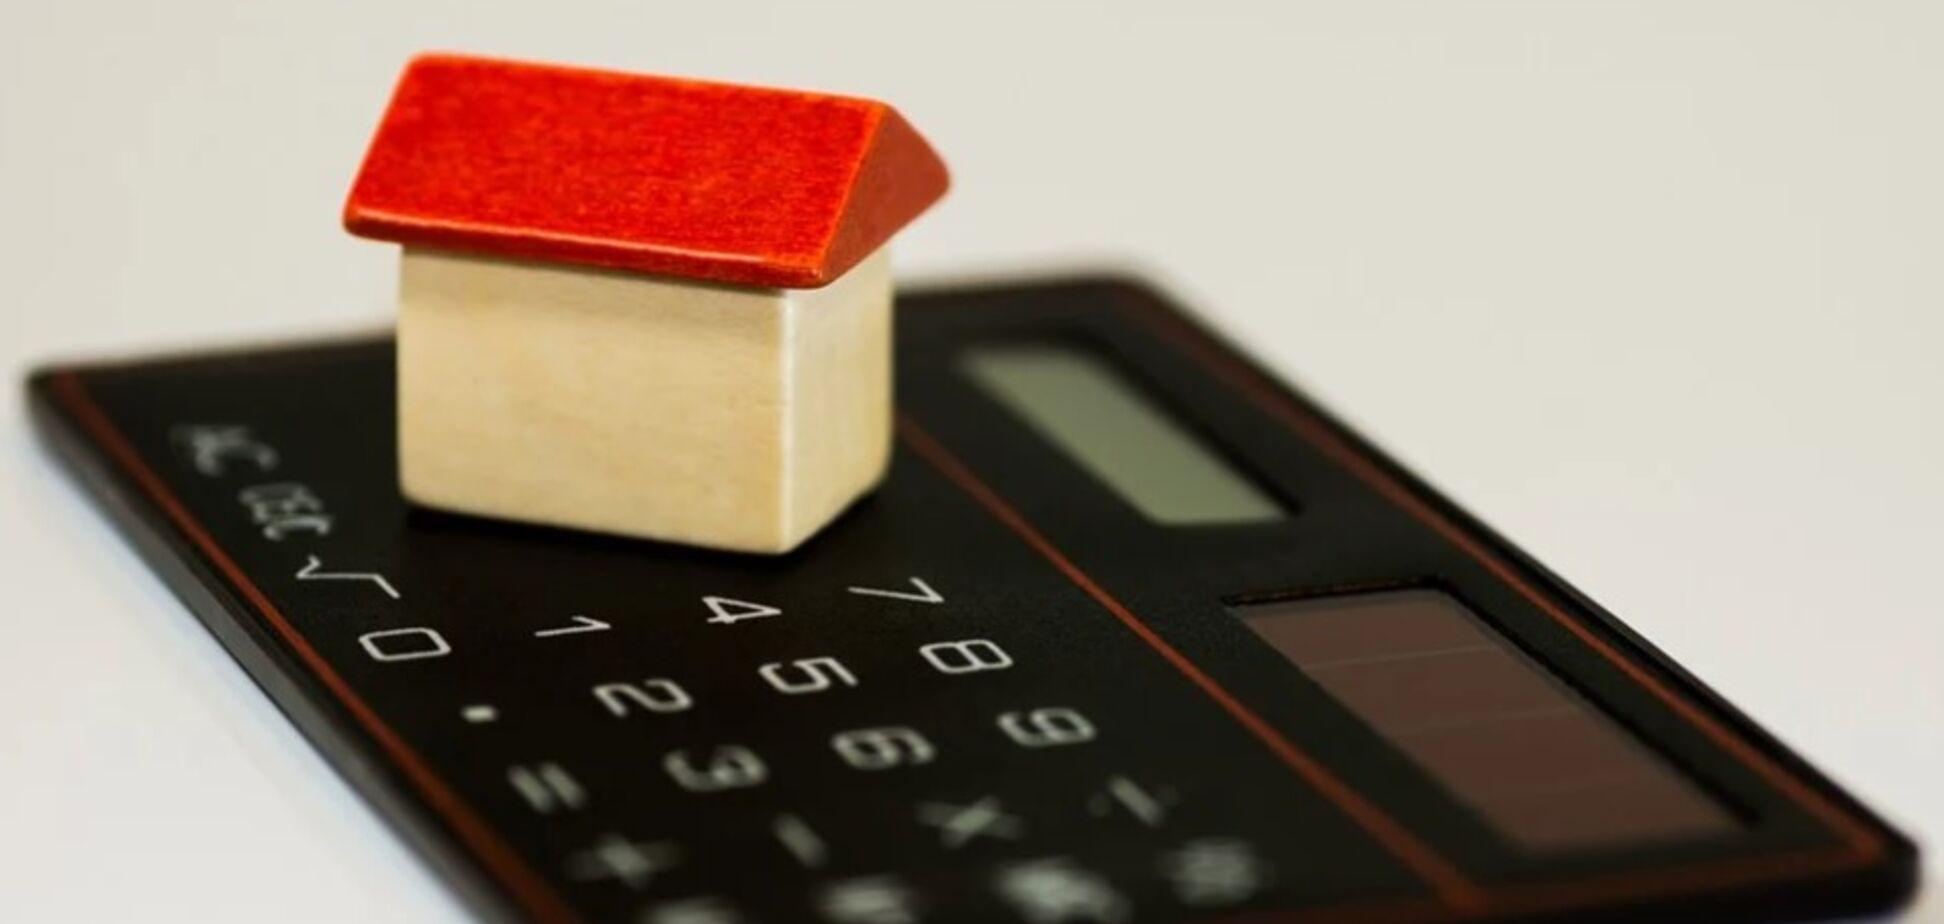 Ипотека по 10%: глава Минфина рассказал, почему это невозможно